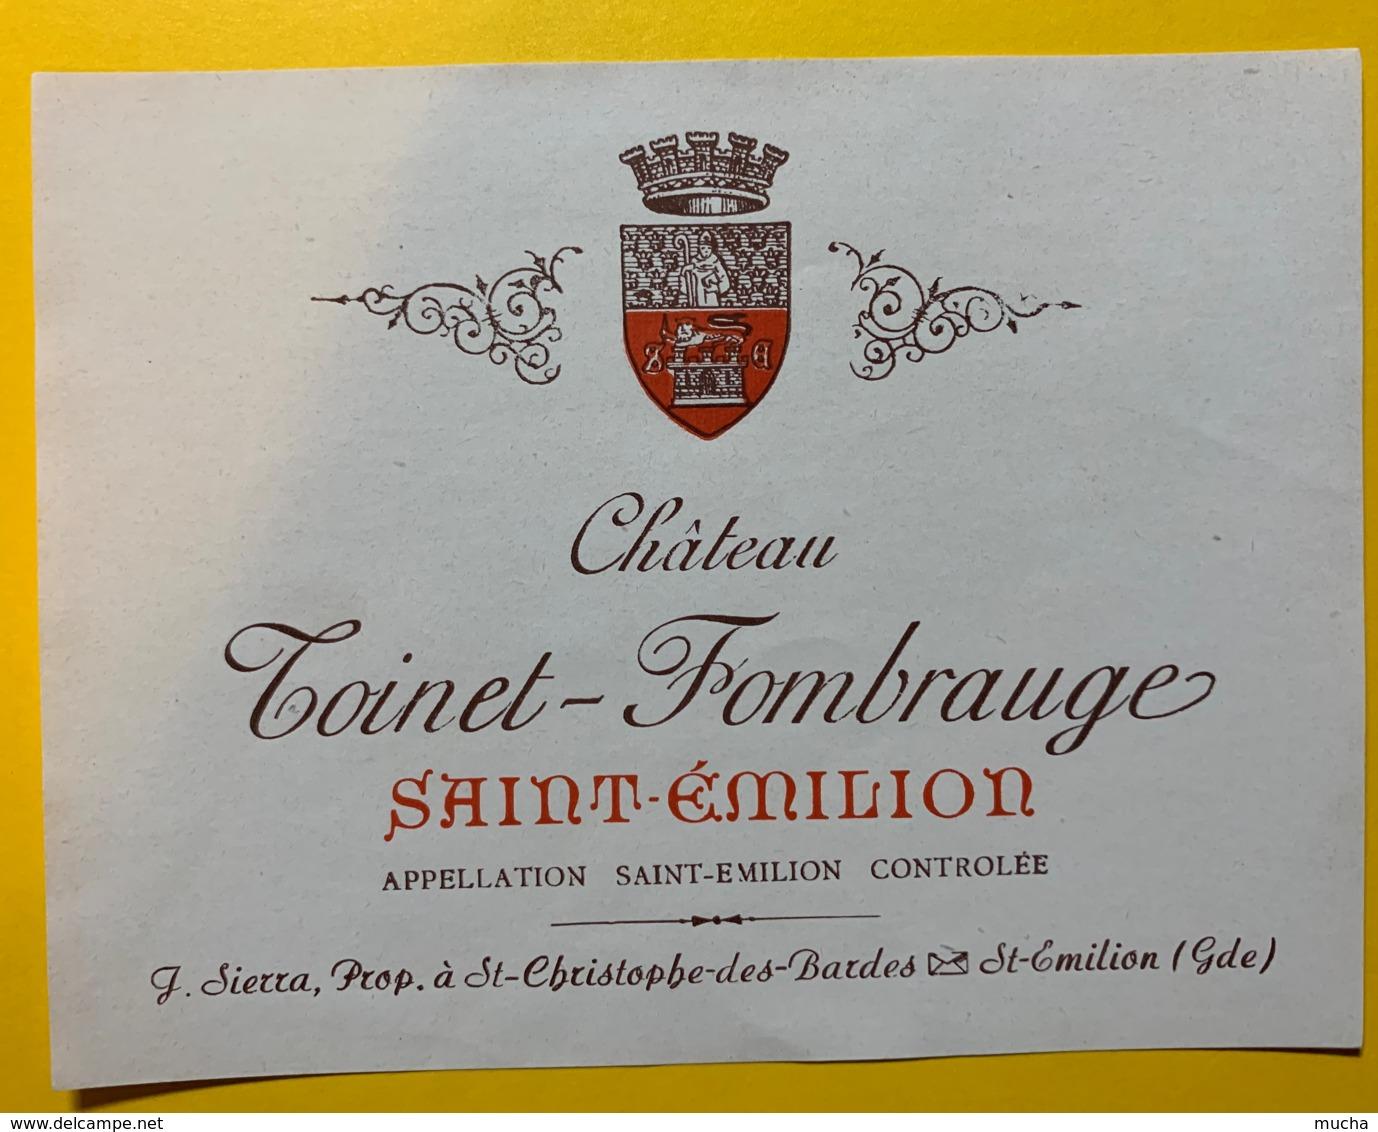 10231 - Château  Toinet-Fombrauge  Saint Emilion - Bordeaux